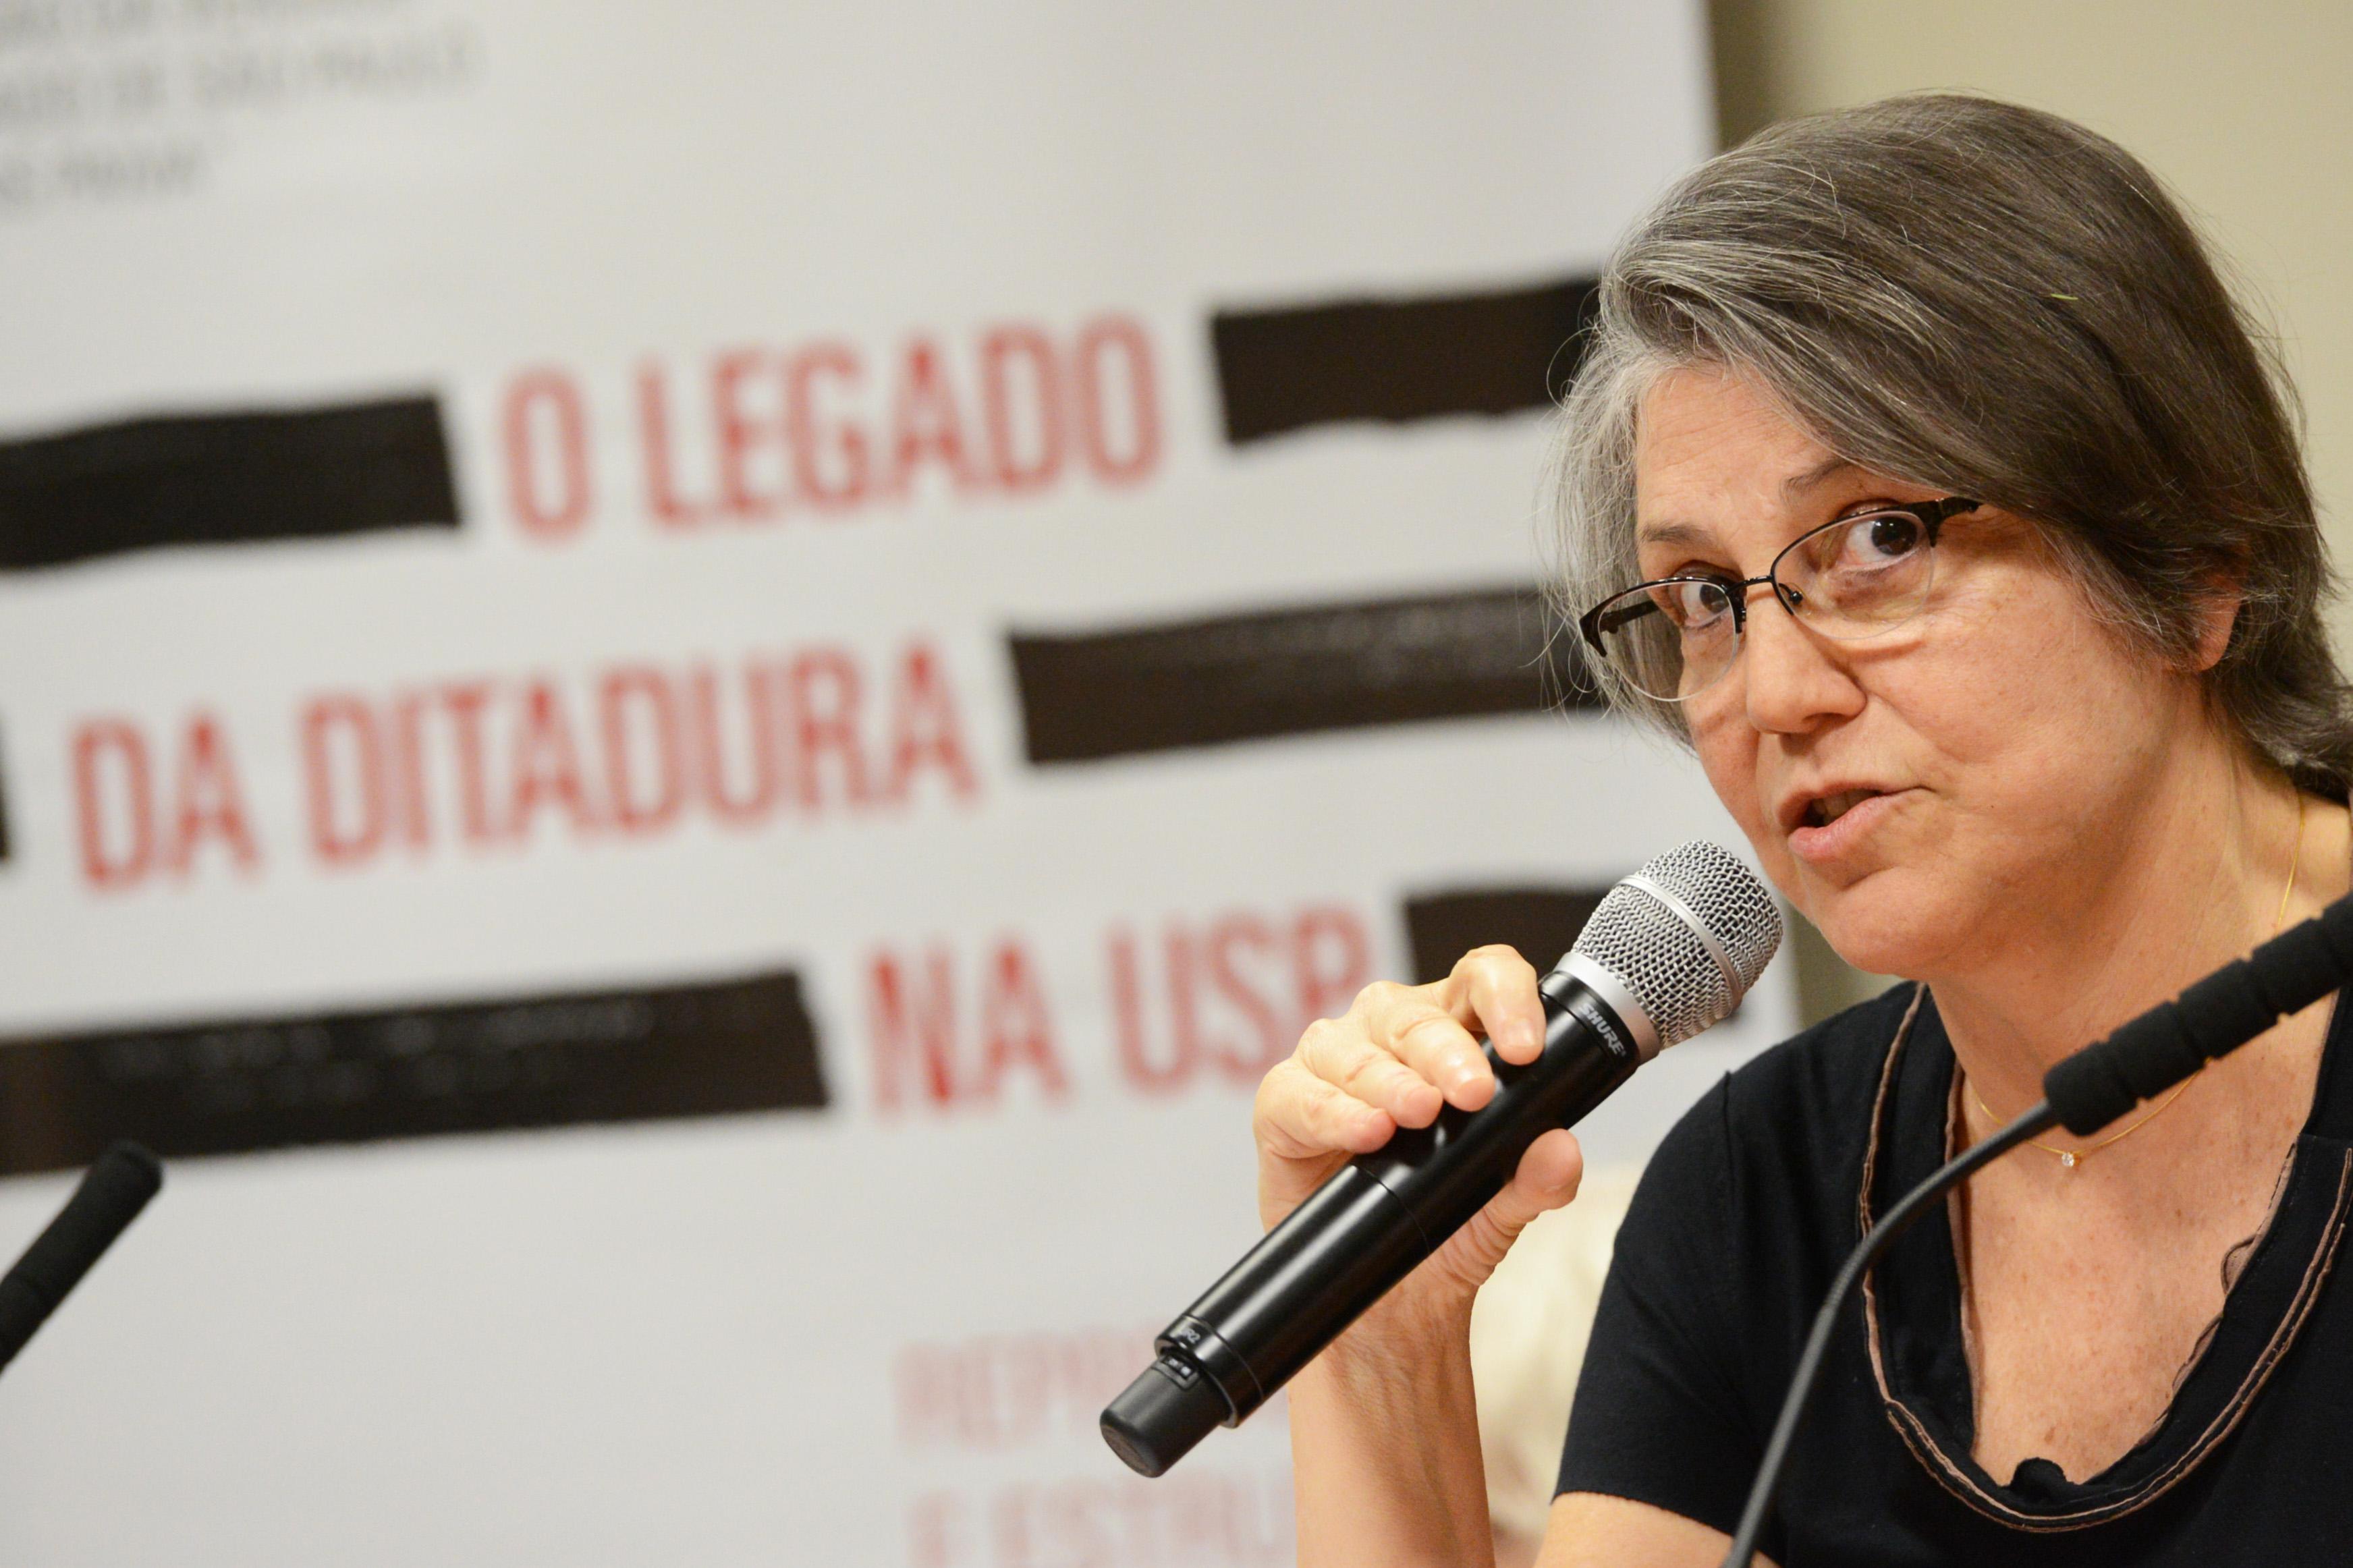 Janice Theodoro, presidente da Comissão da Verdade da USP<a style='float:right' href='https://www3.al.sp.gov.br/repositorio/noticia/N-09-2014/fg165049.jpg' target=_blank><img src='/_img/material-file-download-white.png' width='14px' alt='Clique para baixar a imagem'></a>